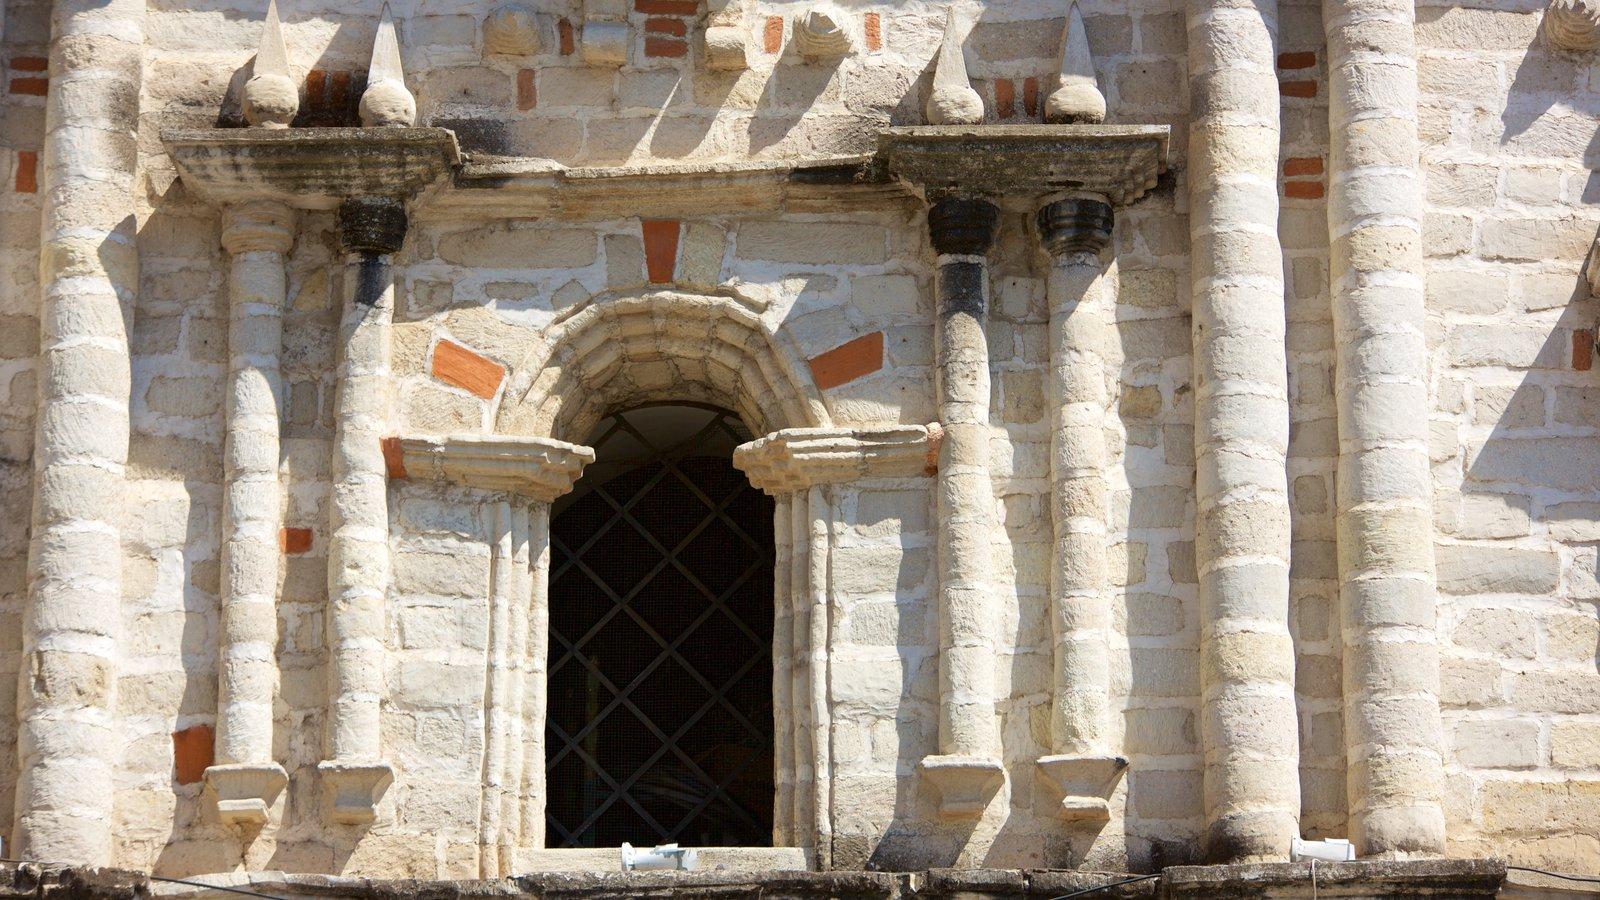 Igreja de São Francisco mostrando uma igreja ou catedral e elementos de patrimônio